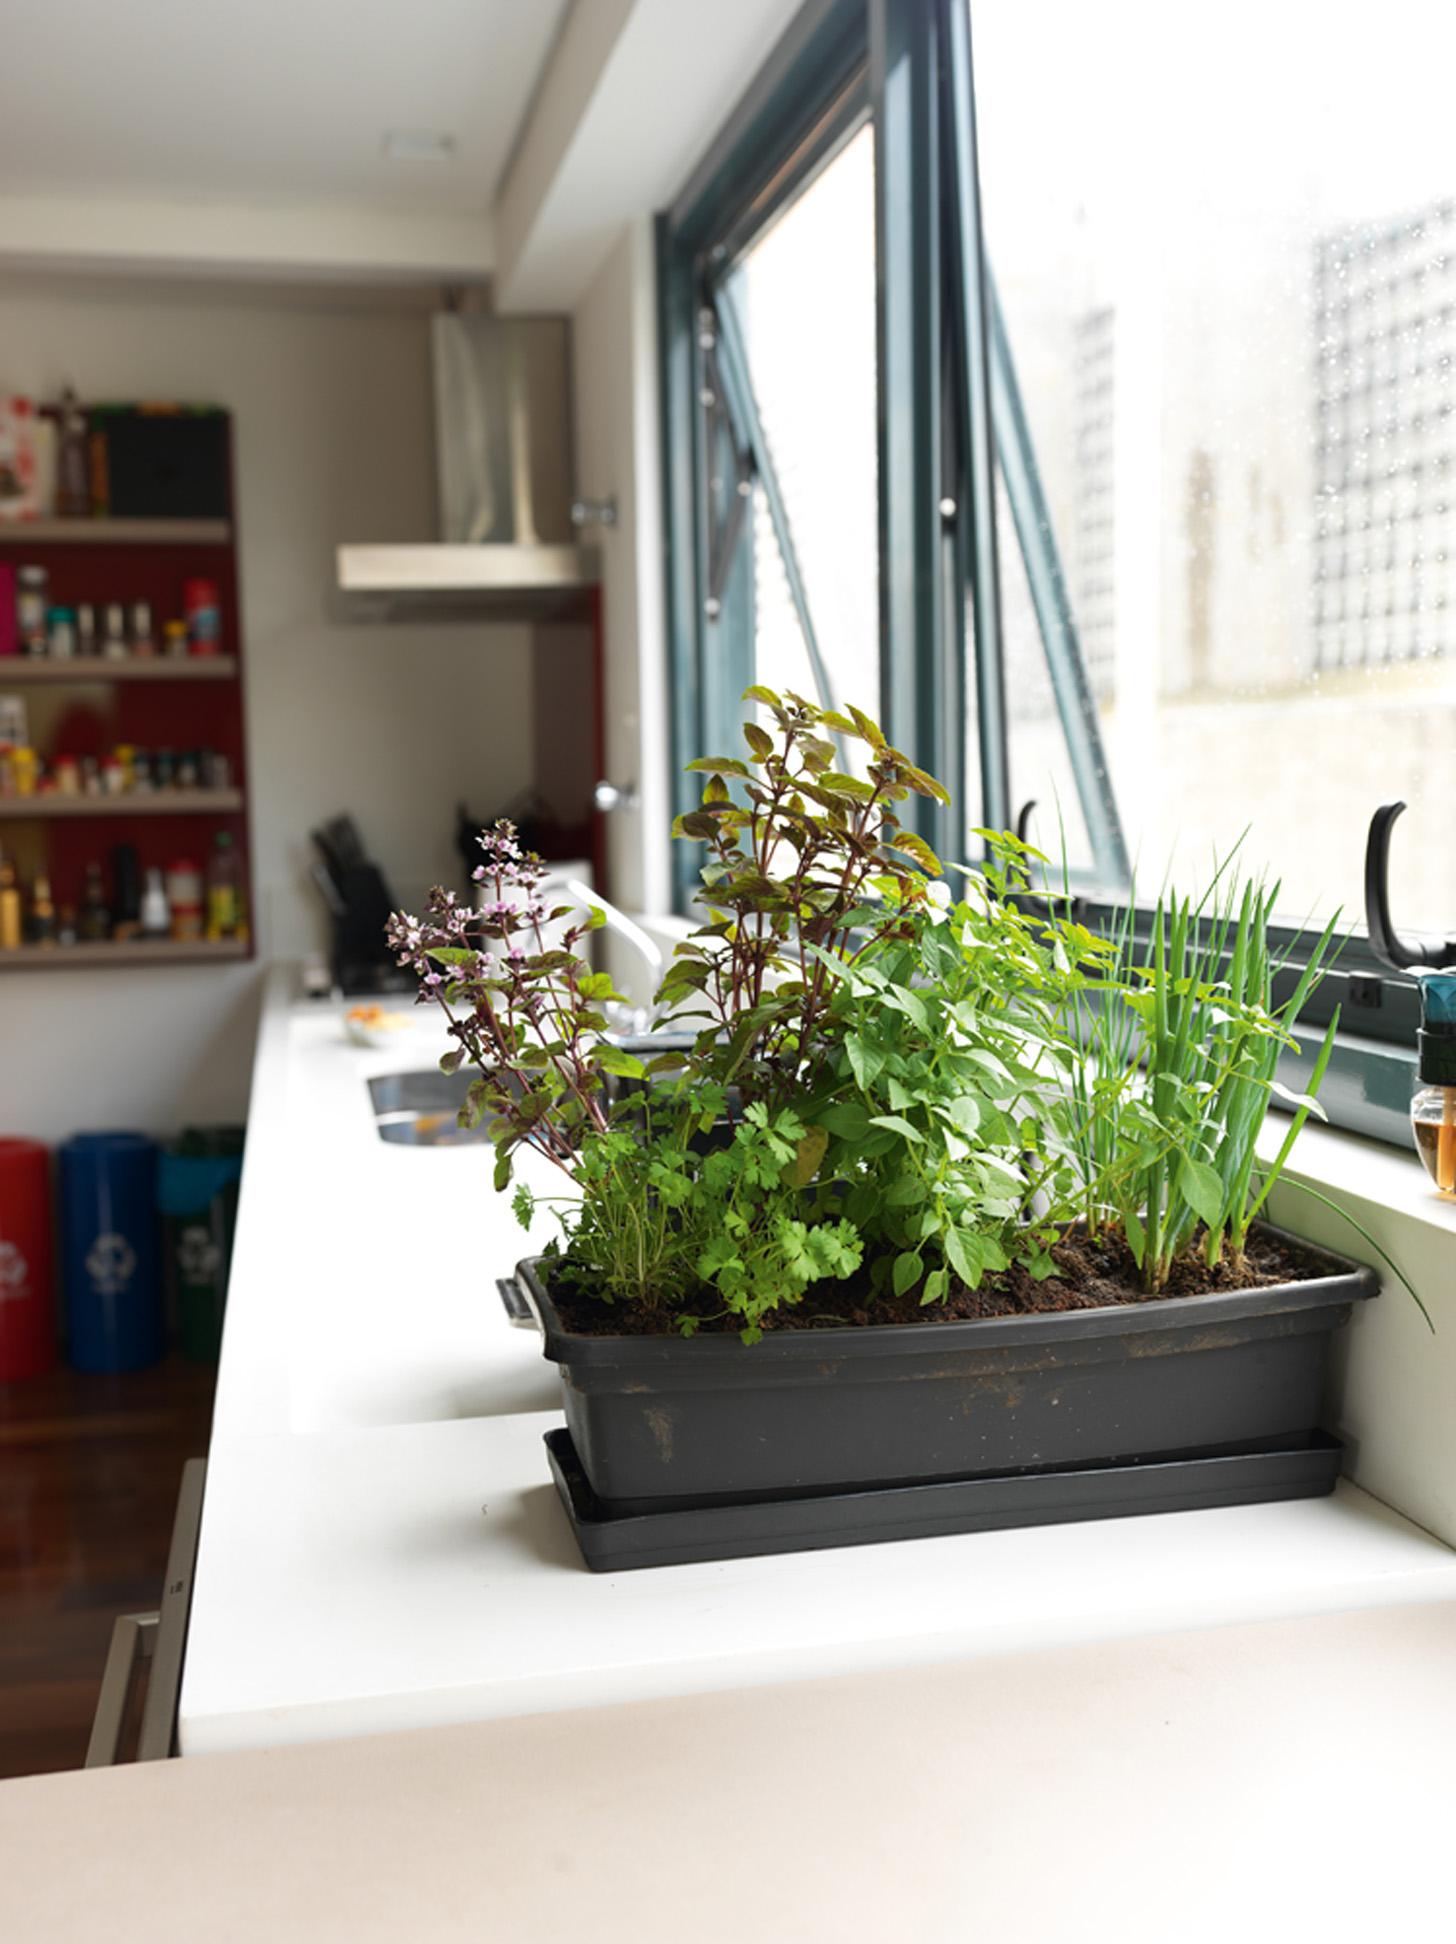 Horta caseira: Detalhe dos temperos que Camila planta em sua cozinha e que usa quase todos os dias. Ela está fazendo um curso de chef de cuisine